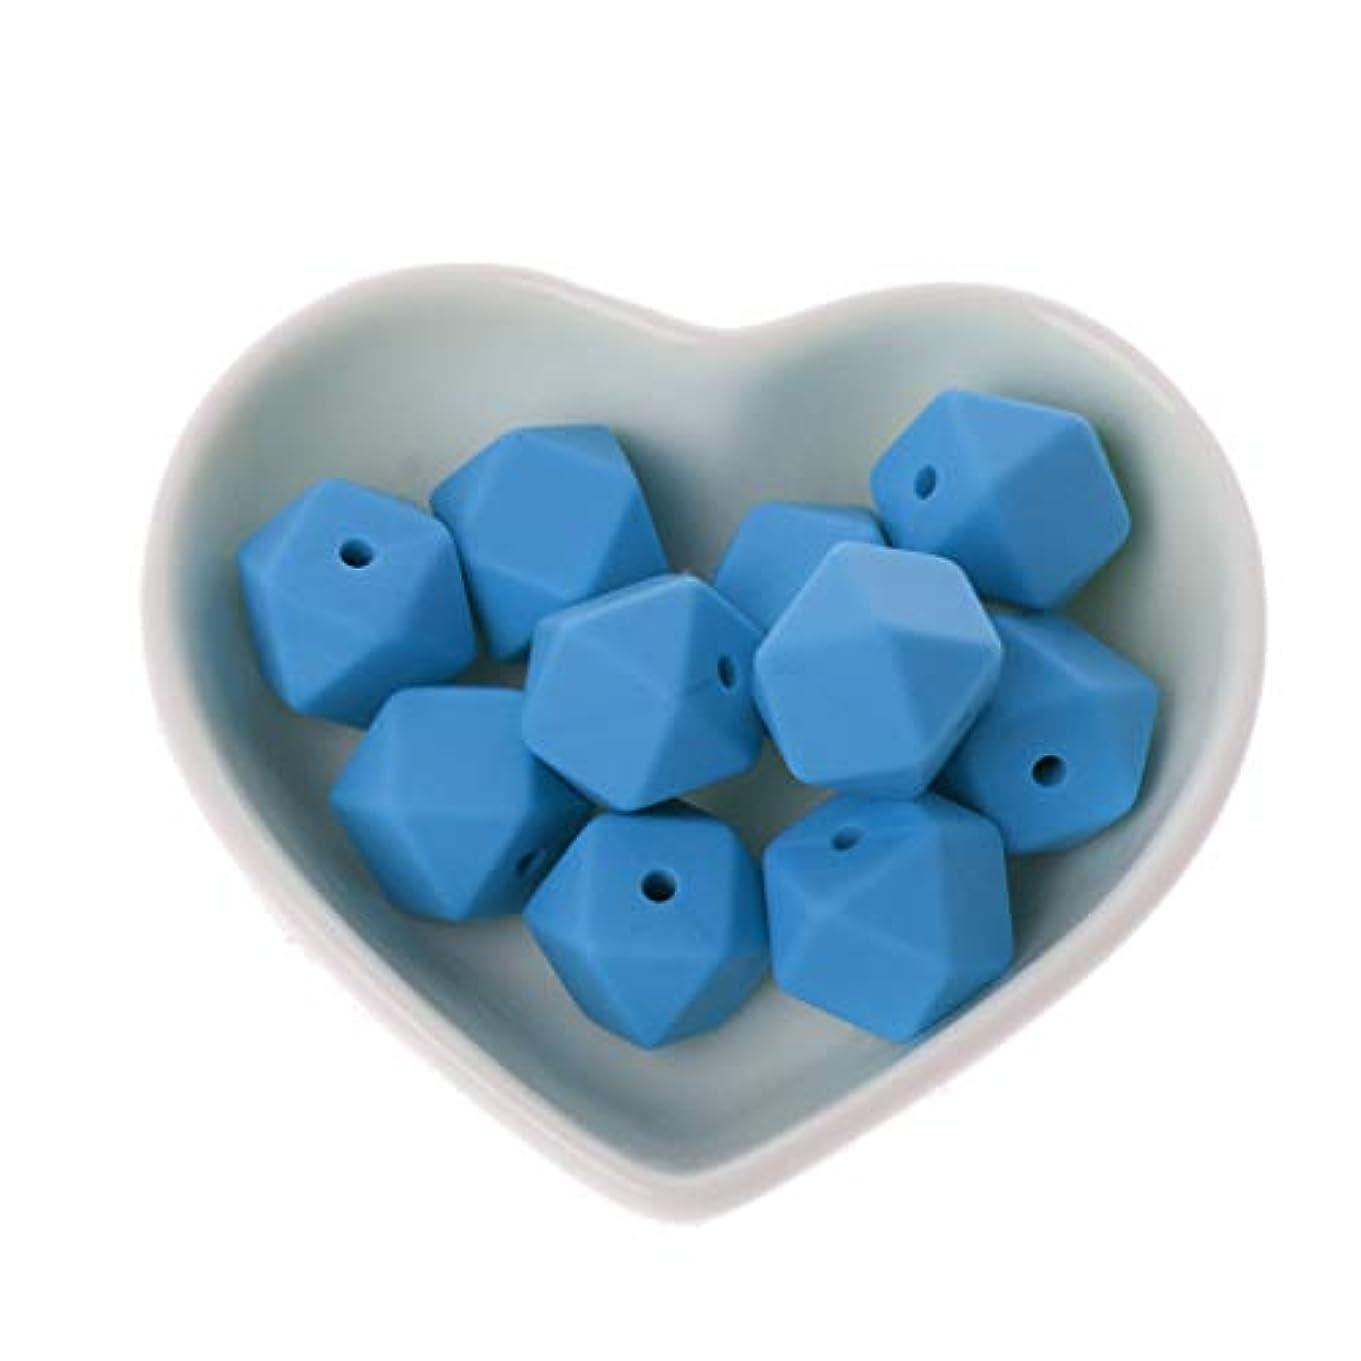 ゴージャス現象友情Landdum 10個シリコーンビーズ14ミリメートル多角形シリコーンビーズ赤ちゃんのおもちゃdiyおしゃぶりチェーンアクセサリー - ベイビーブルー